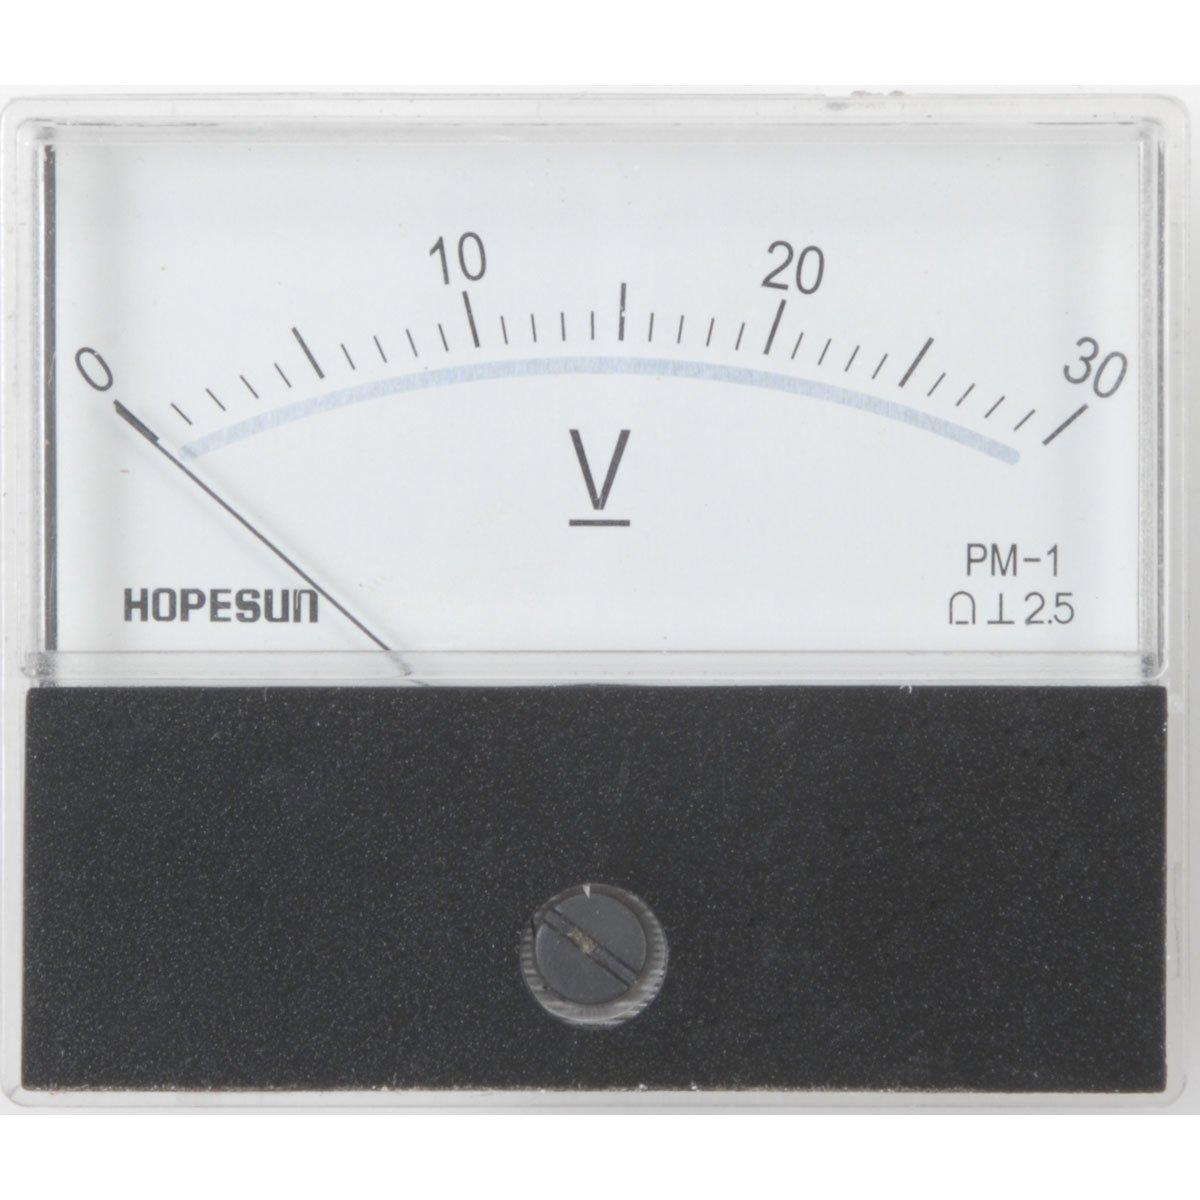 Velleman AVM7030 30 Vdc Panel Meter, 2.8 X 2.4